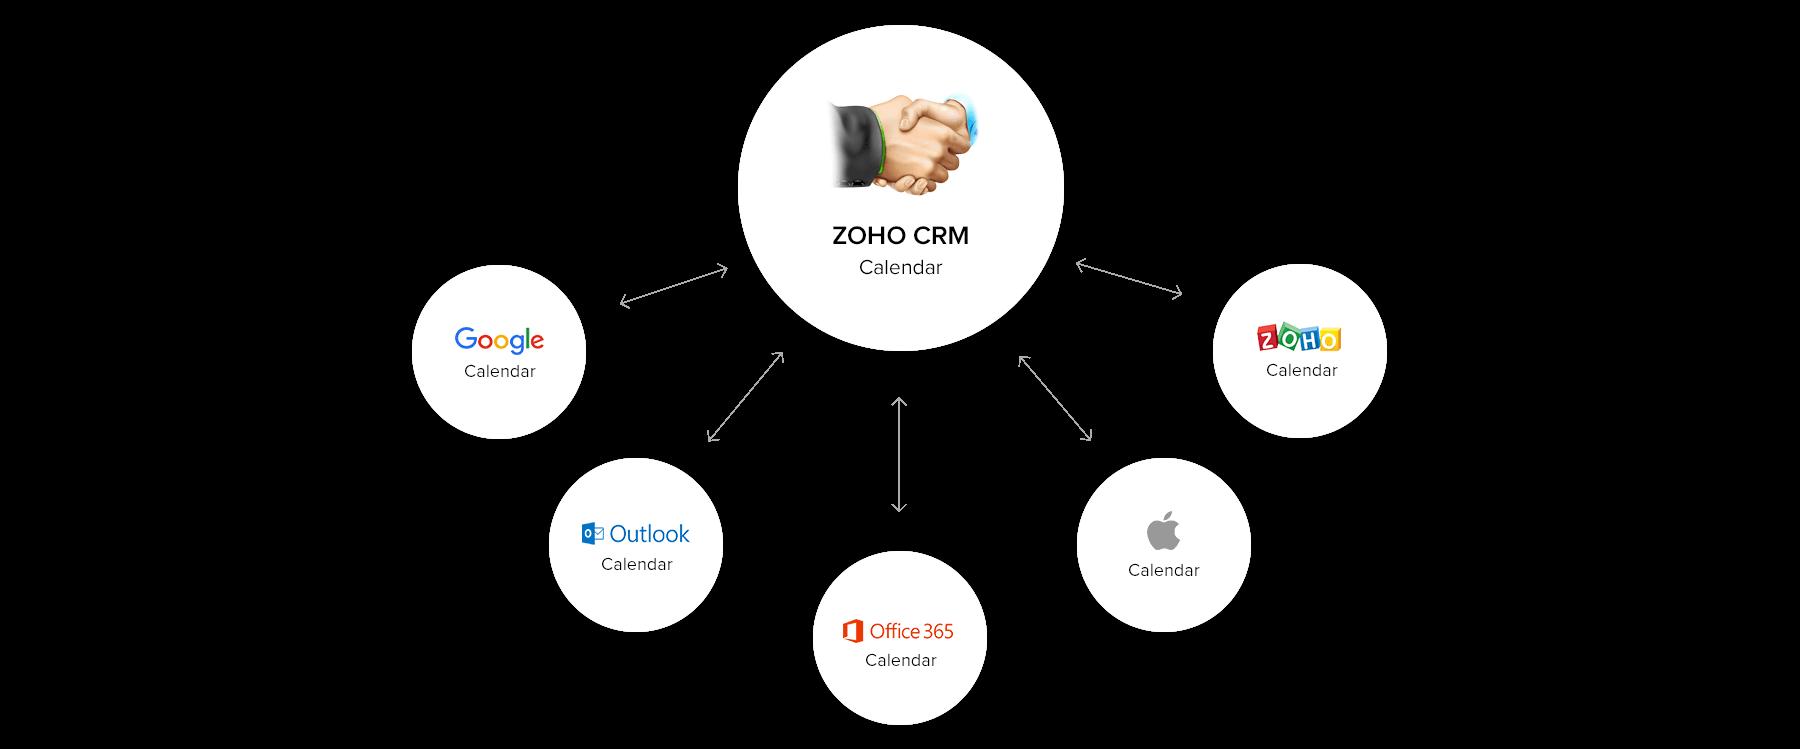 Calendar Integration for CRM   Zoho CRM